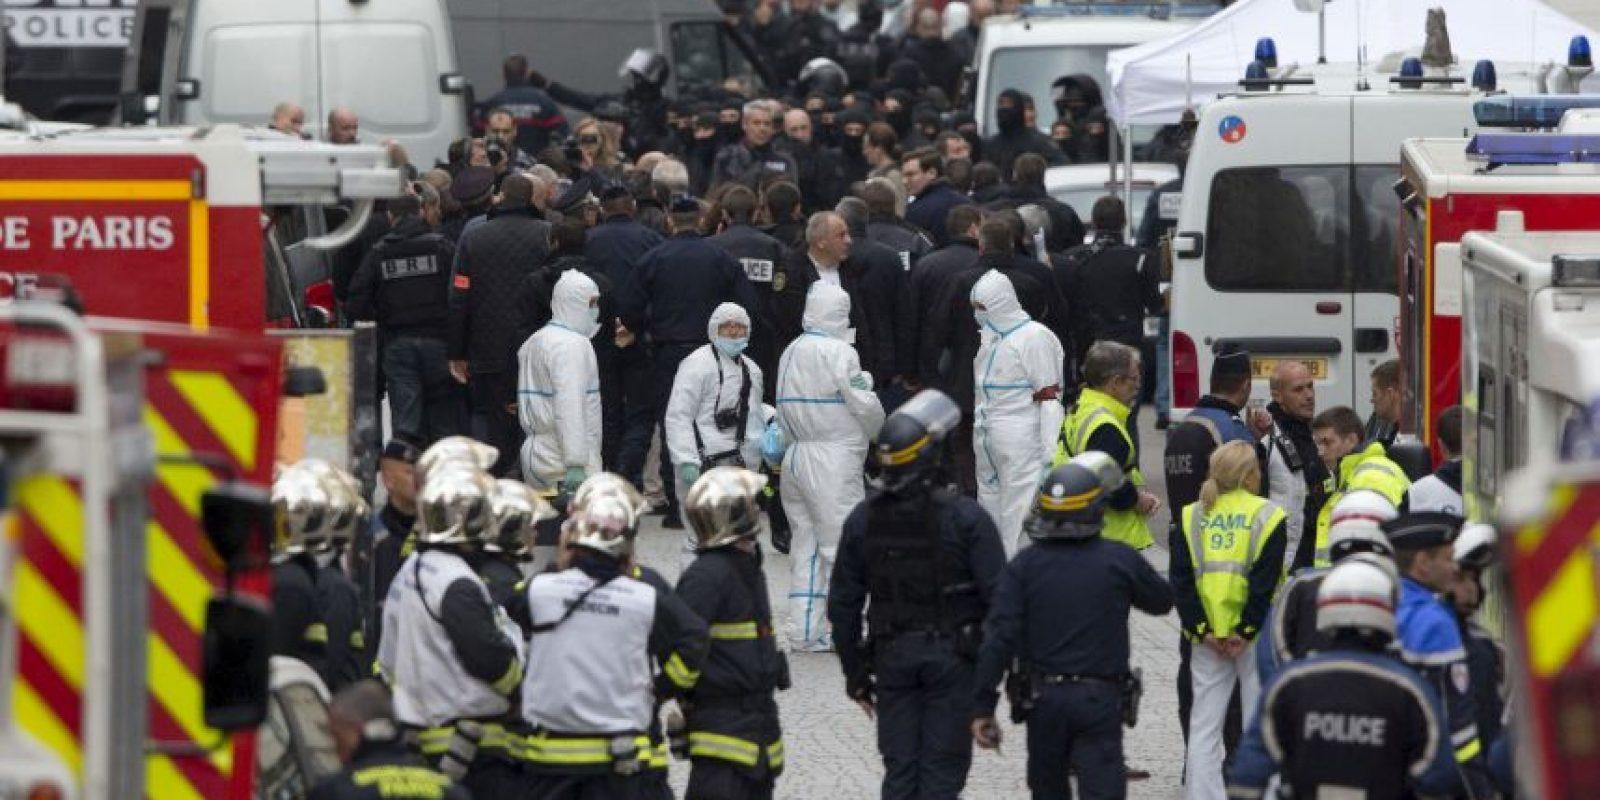 Durante el operativo se creyó que había muerto Abdaelhamid Abaaoud, quien es uno de los principales sospechosos de los atentados. Foto:AP